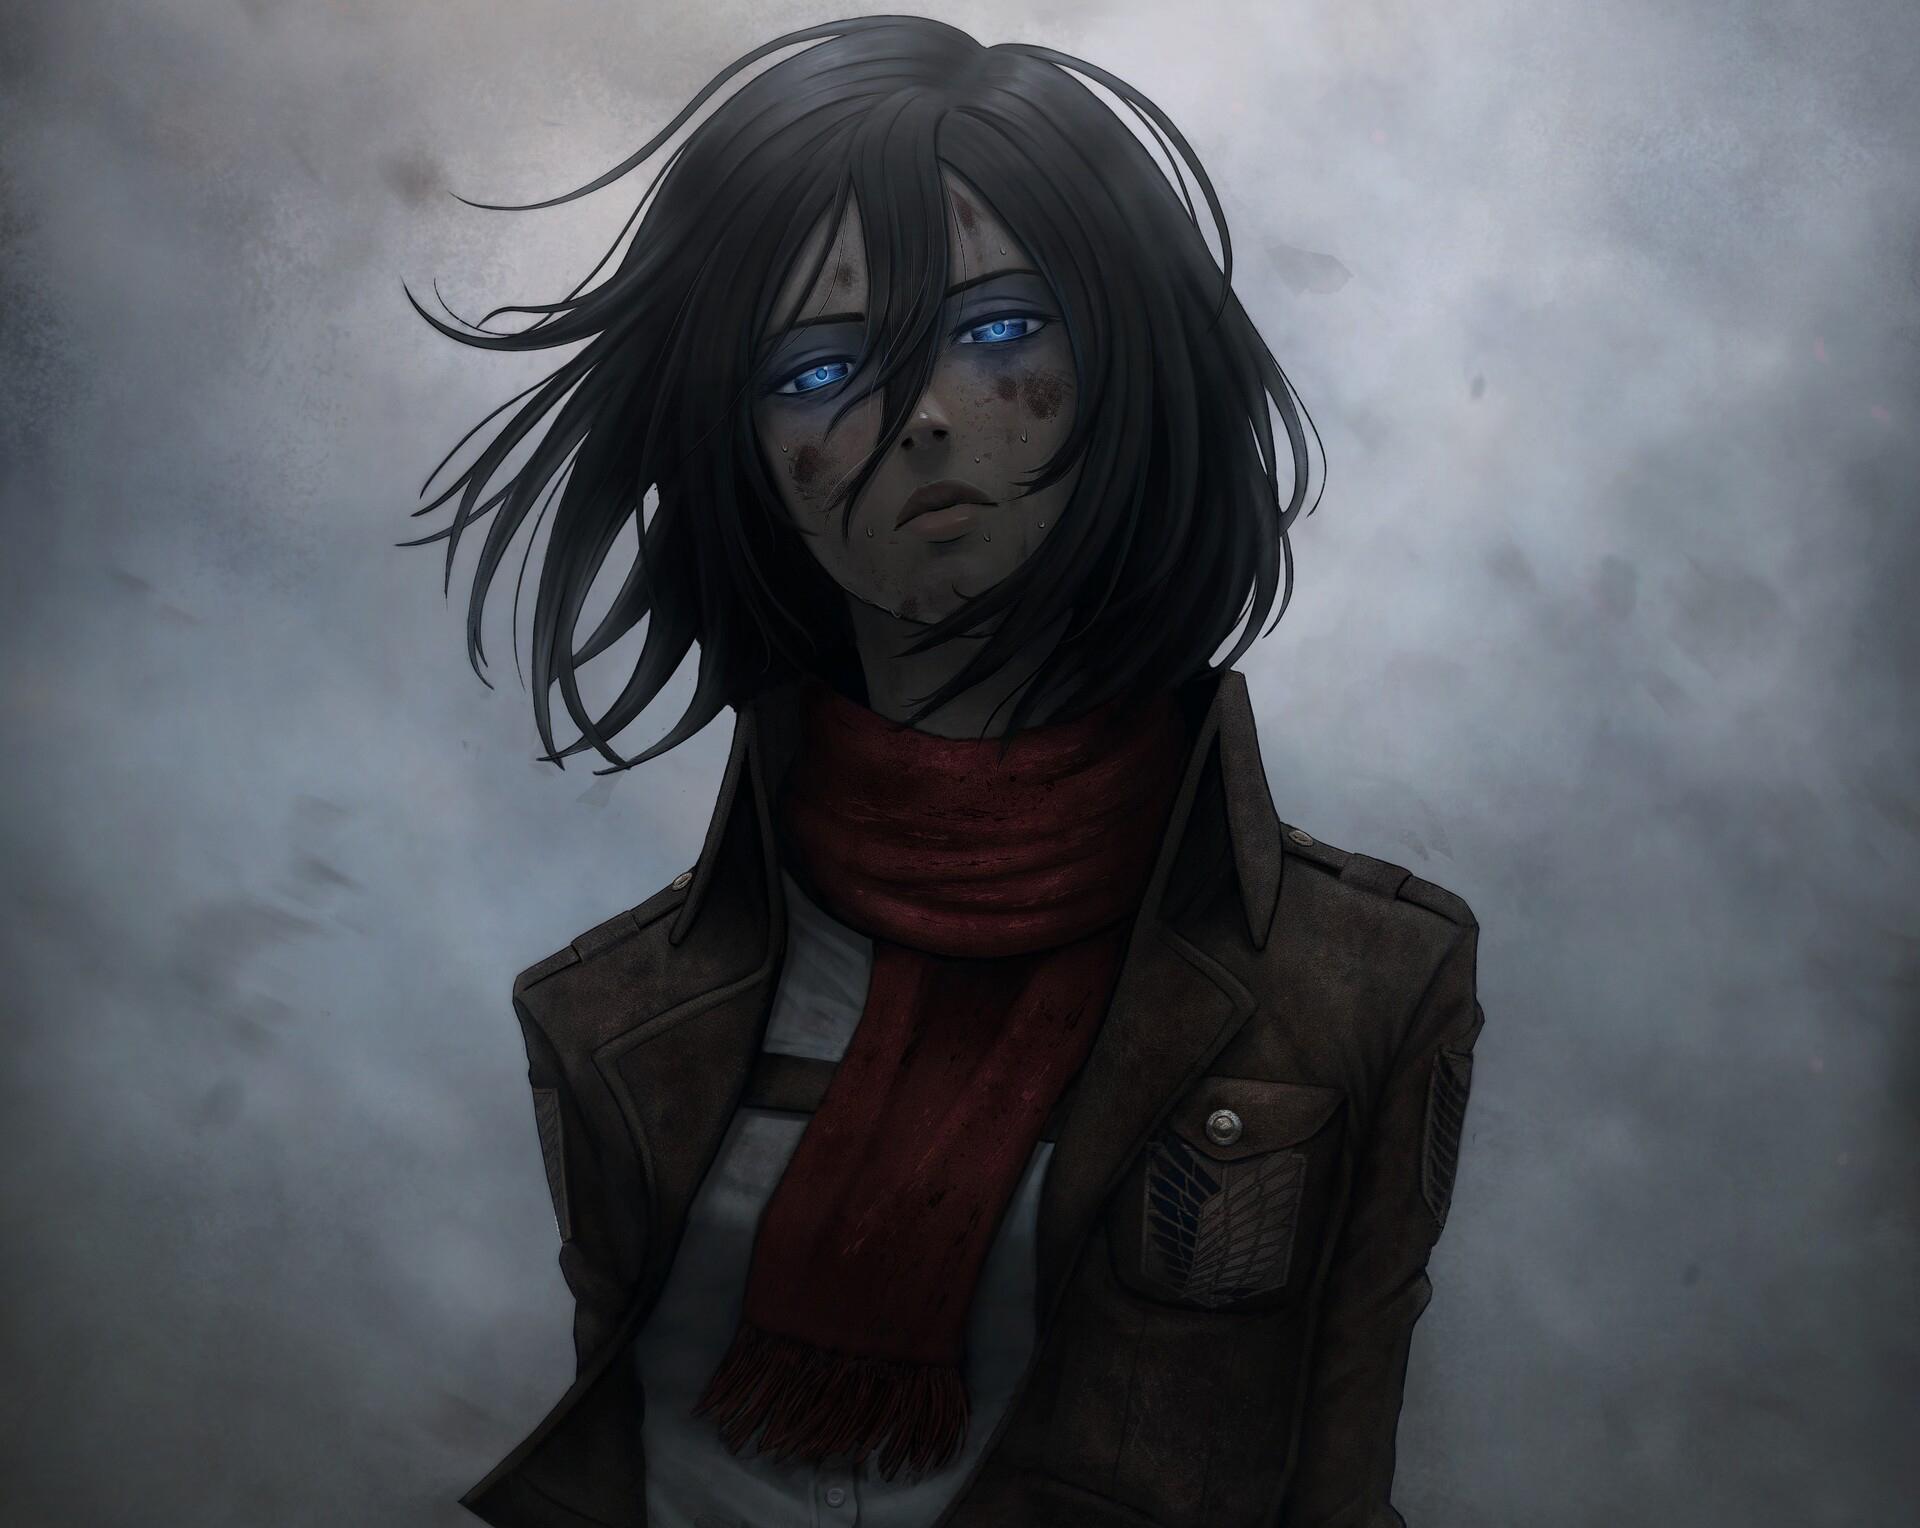 Anime Attack On Titan Mikasa - HD Wallpaper